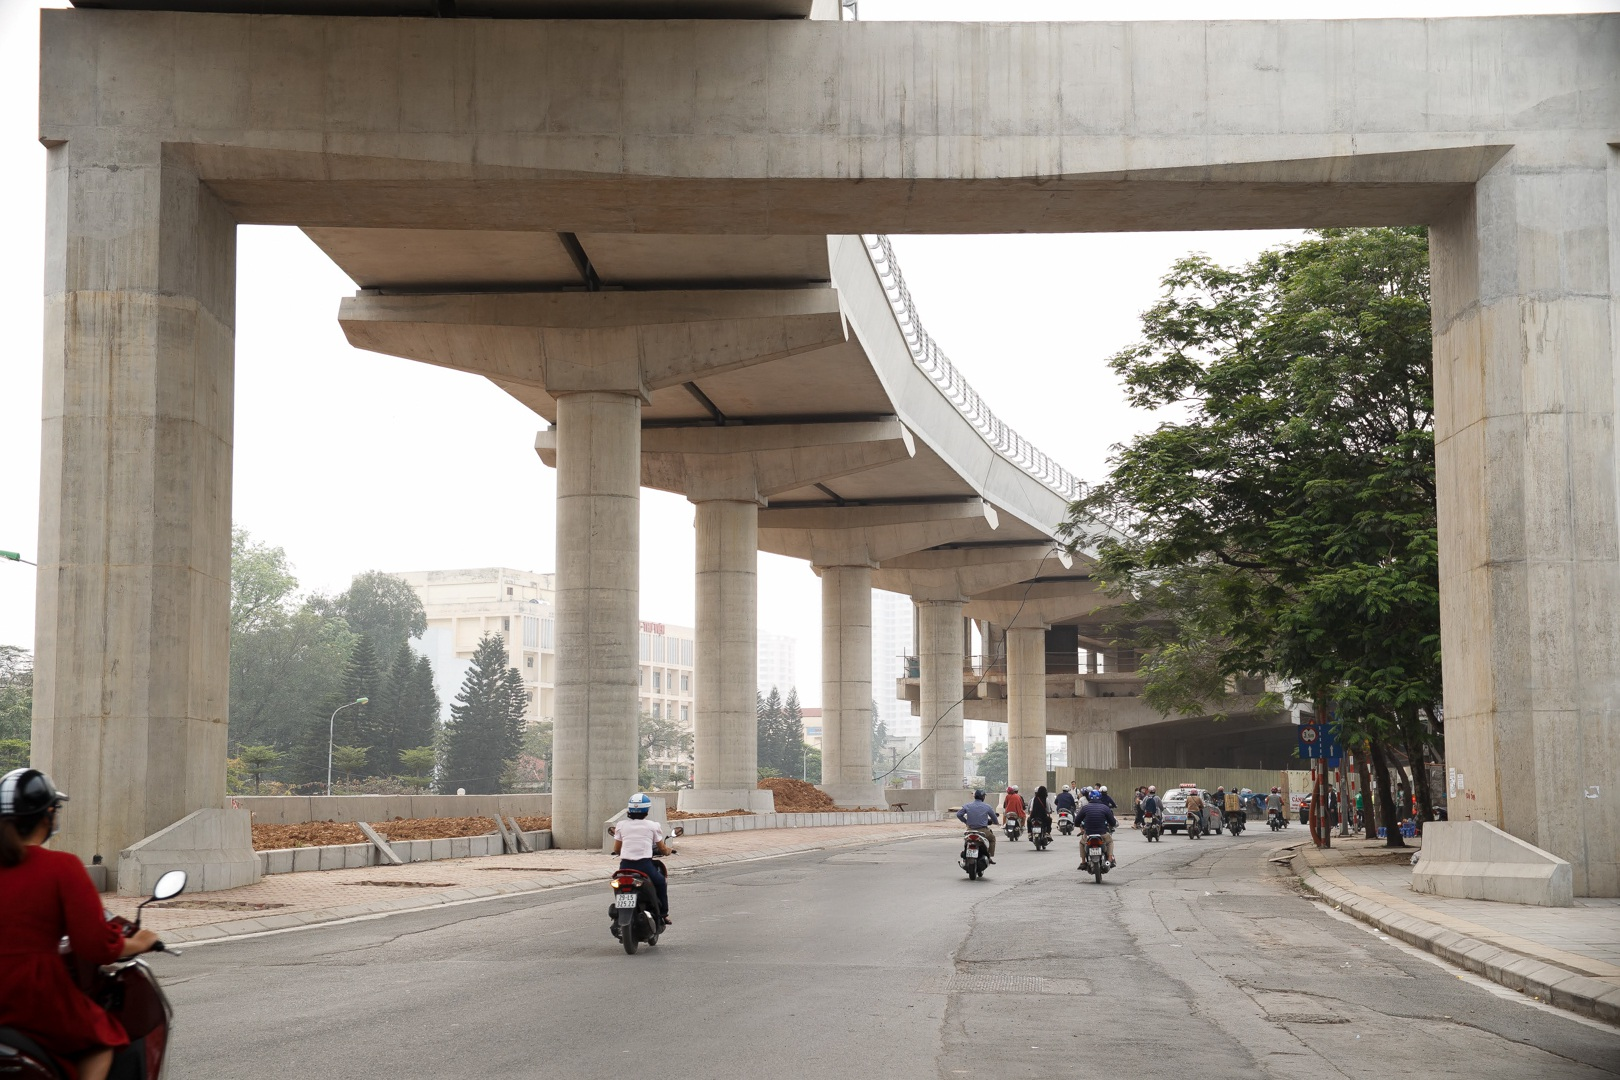 Metro Nhổn - ga Hà Nội thành hình đường trên cao xuyên qua phố phường Thủ đô - 13